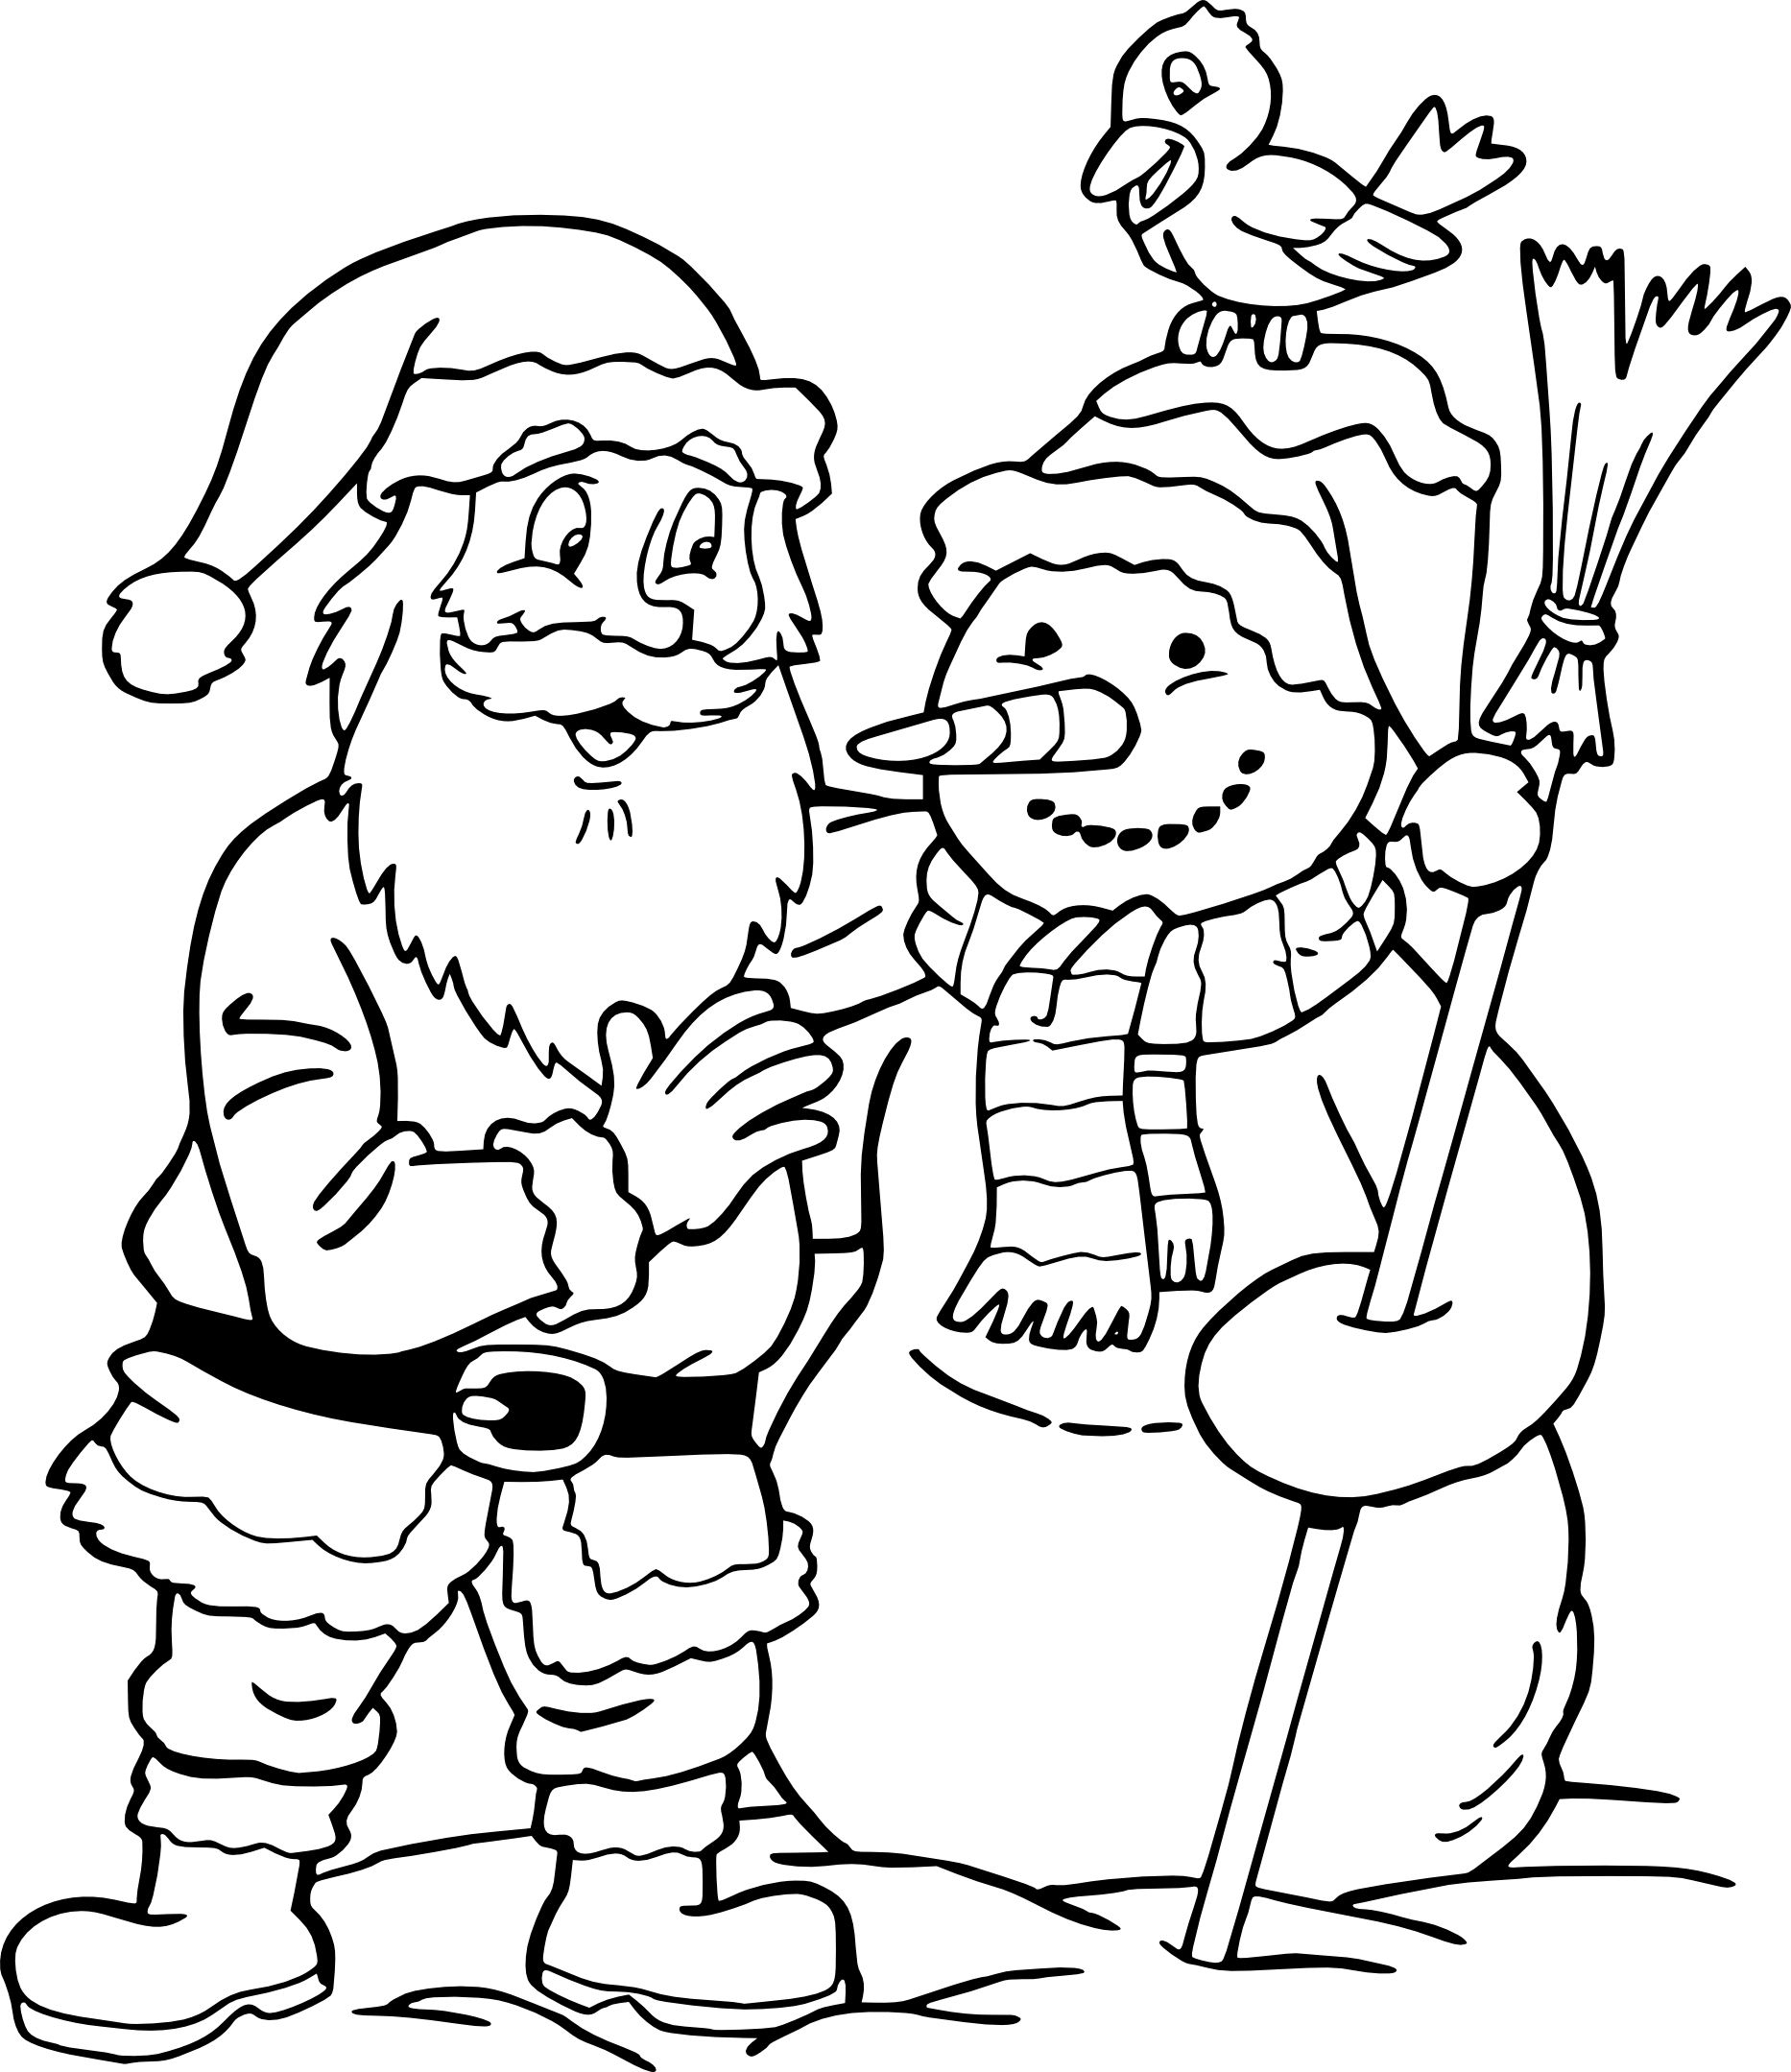 Coloriage Père Noël Et Bonhomme De Neige À Imprimer – Waouo tout Coloriage De Père Noel Gratuit A Imprimer